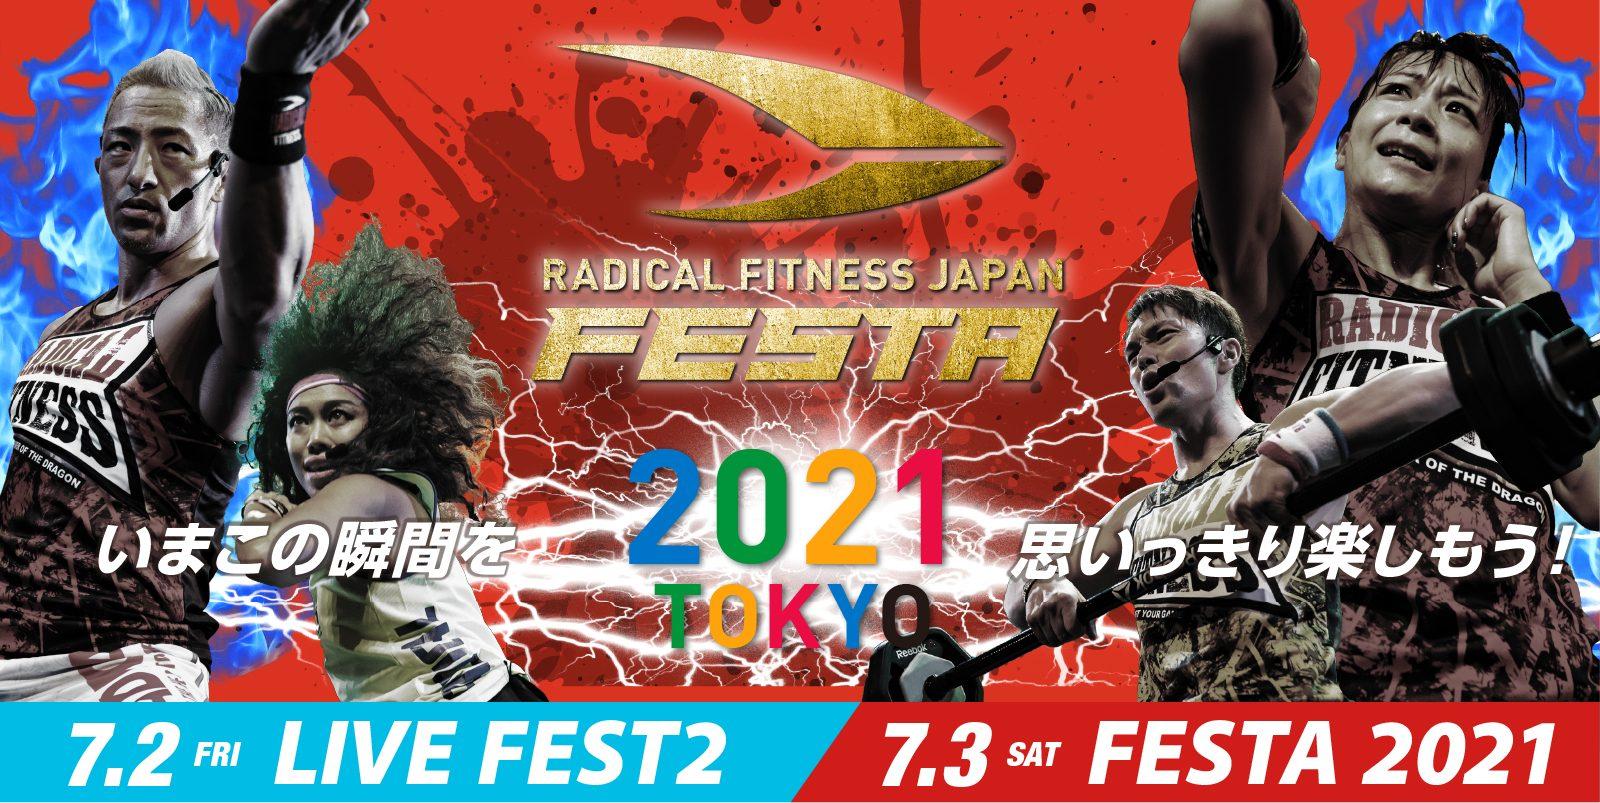 RADICAL FITNESS JAPAN FESTA 2021